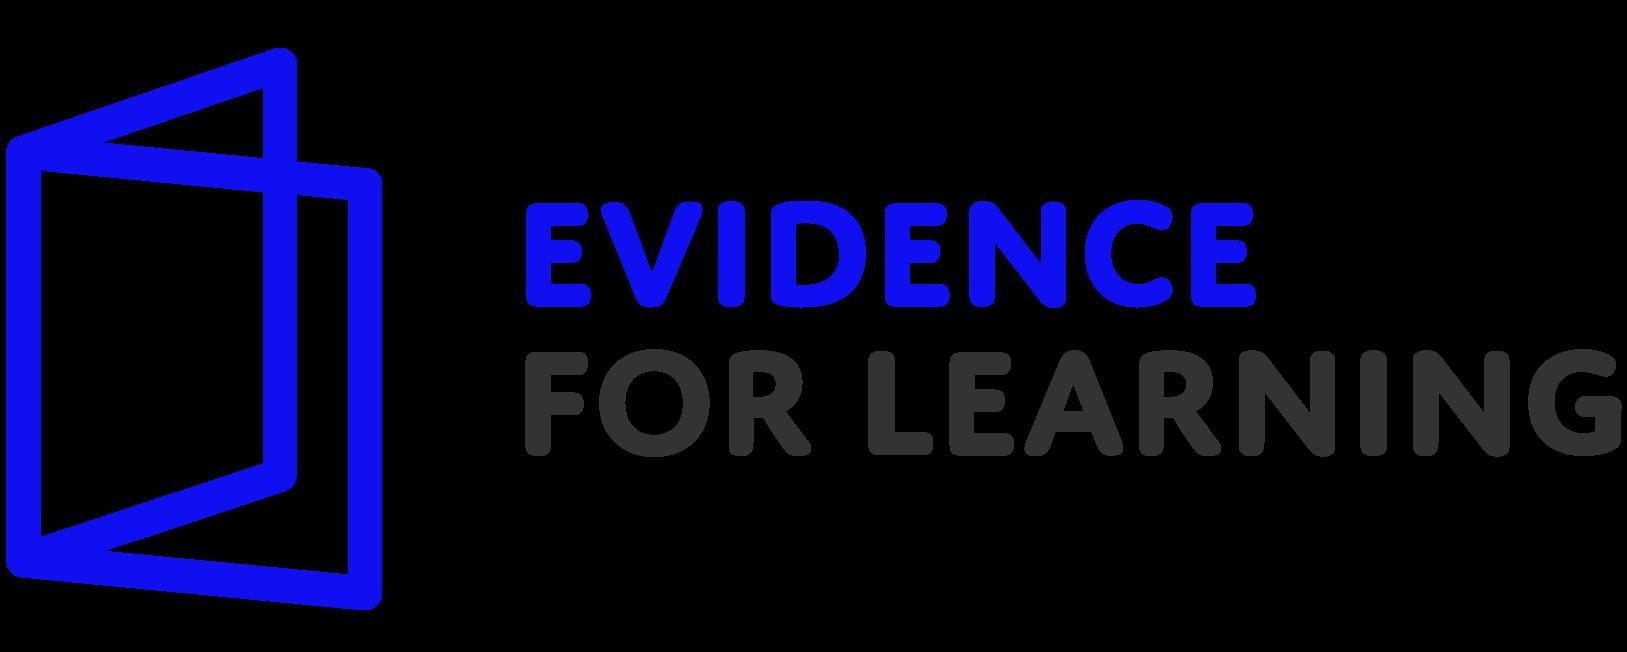 Evidence for learning logo